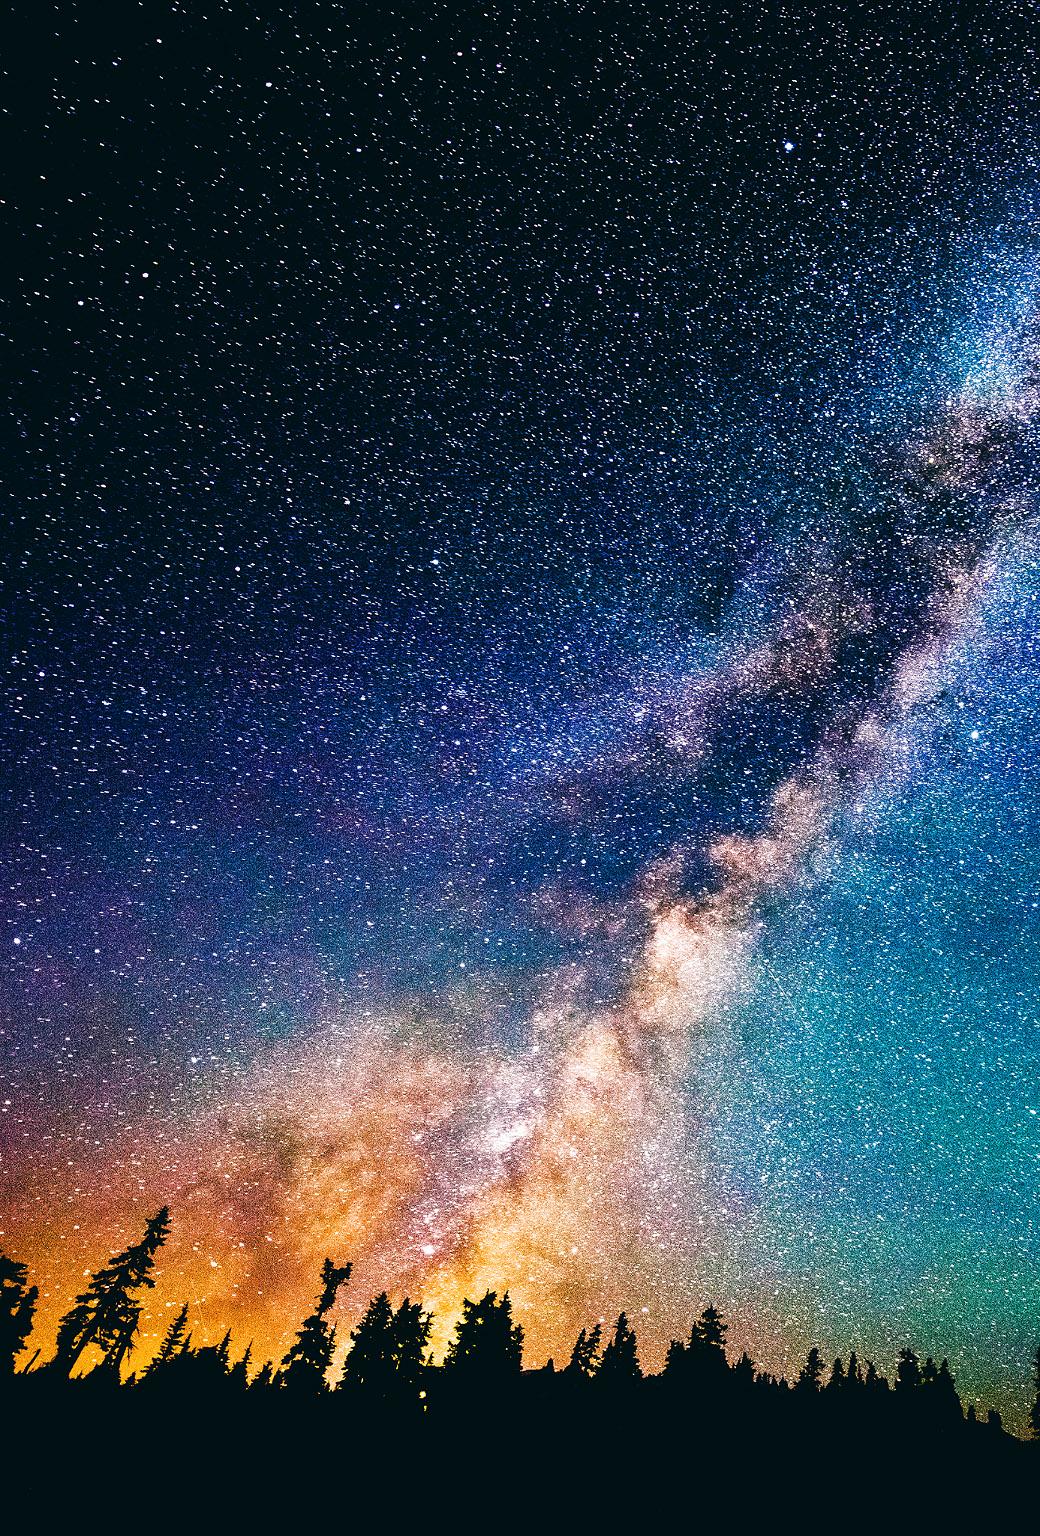 Night Sky Stars Iphone Wallpaper Download ipad 1040x1536